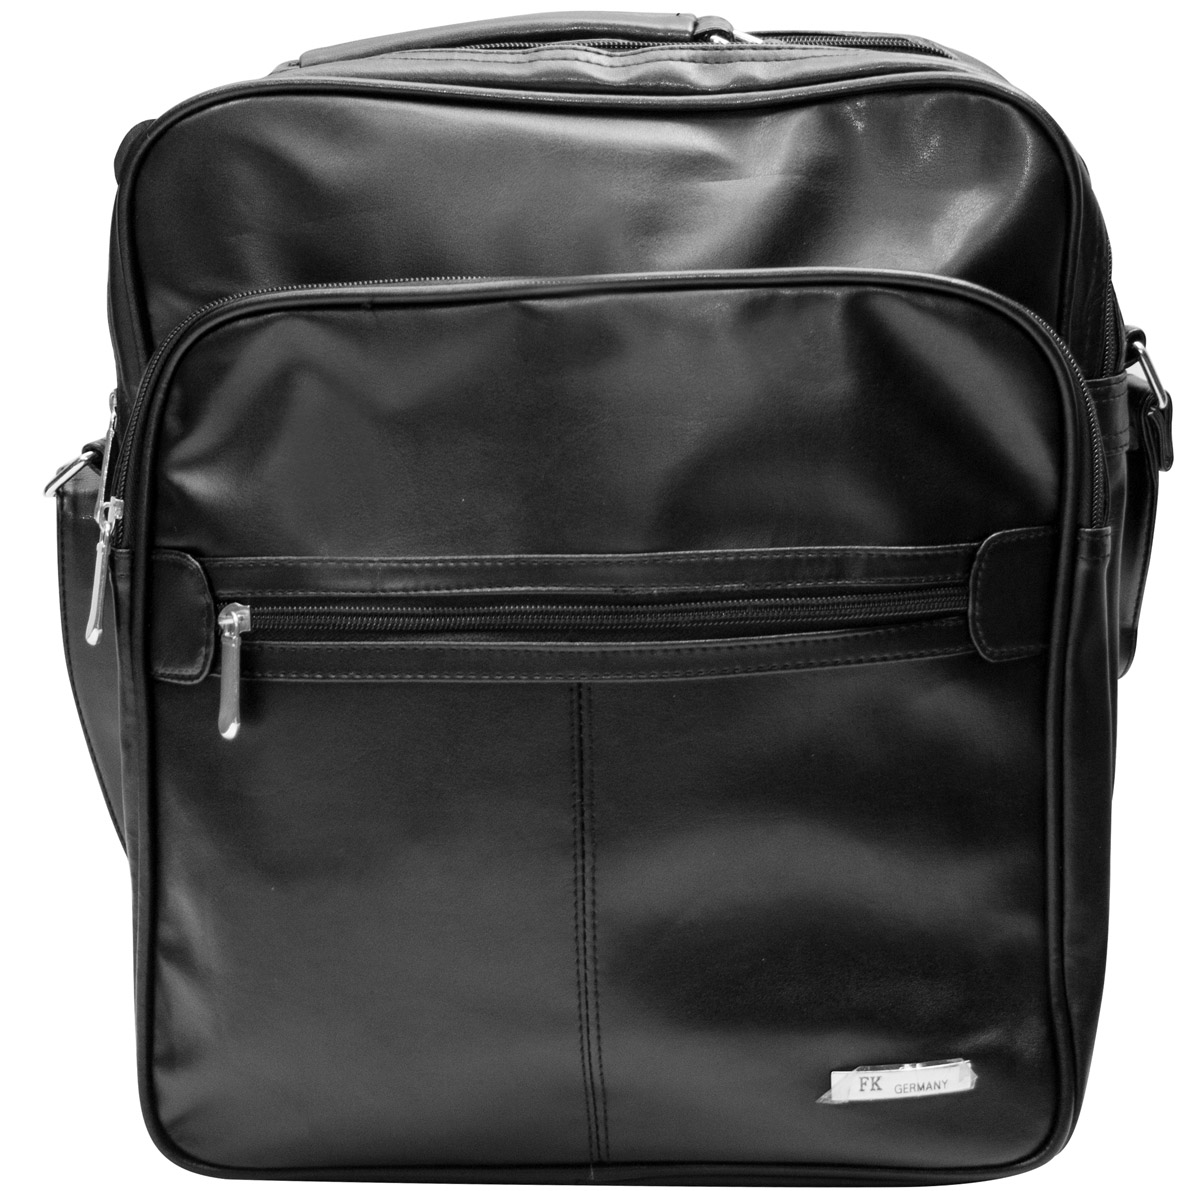 Hochformat Umh/ängetasche Businesstasche Schultertasche Hochformat Notebooktasche Laptoptasche Schwarz Leder Optik Handwerkertasche